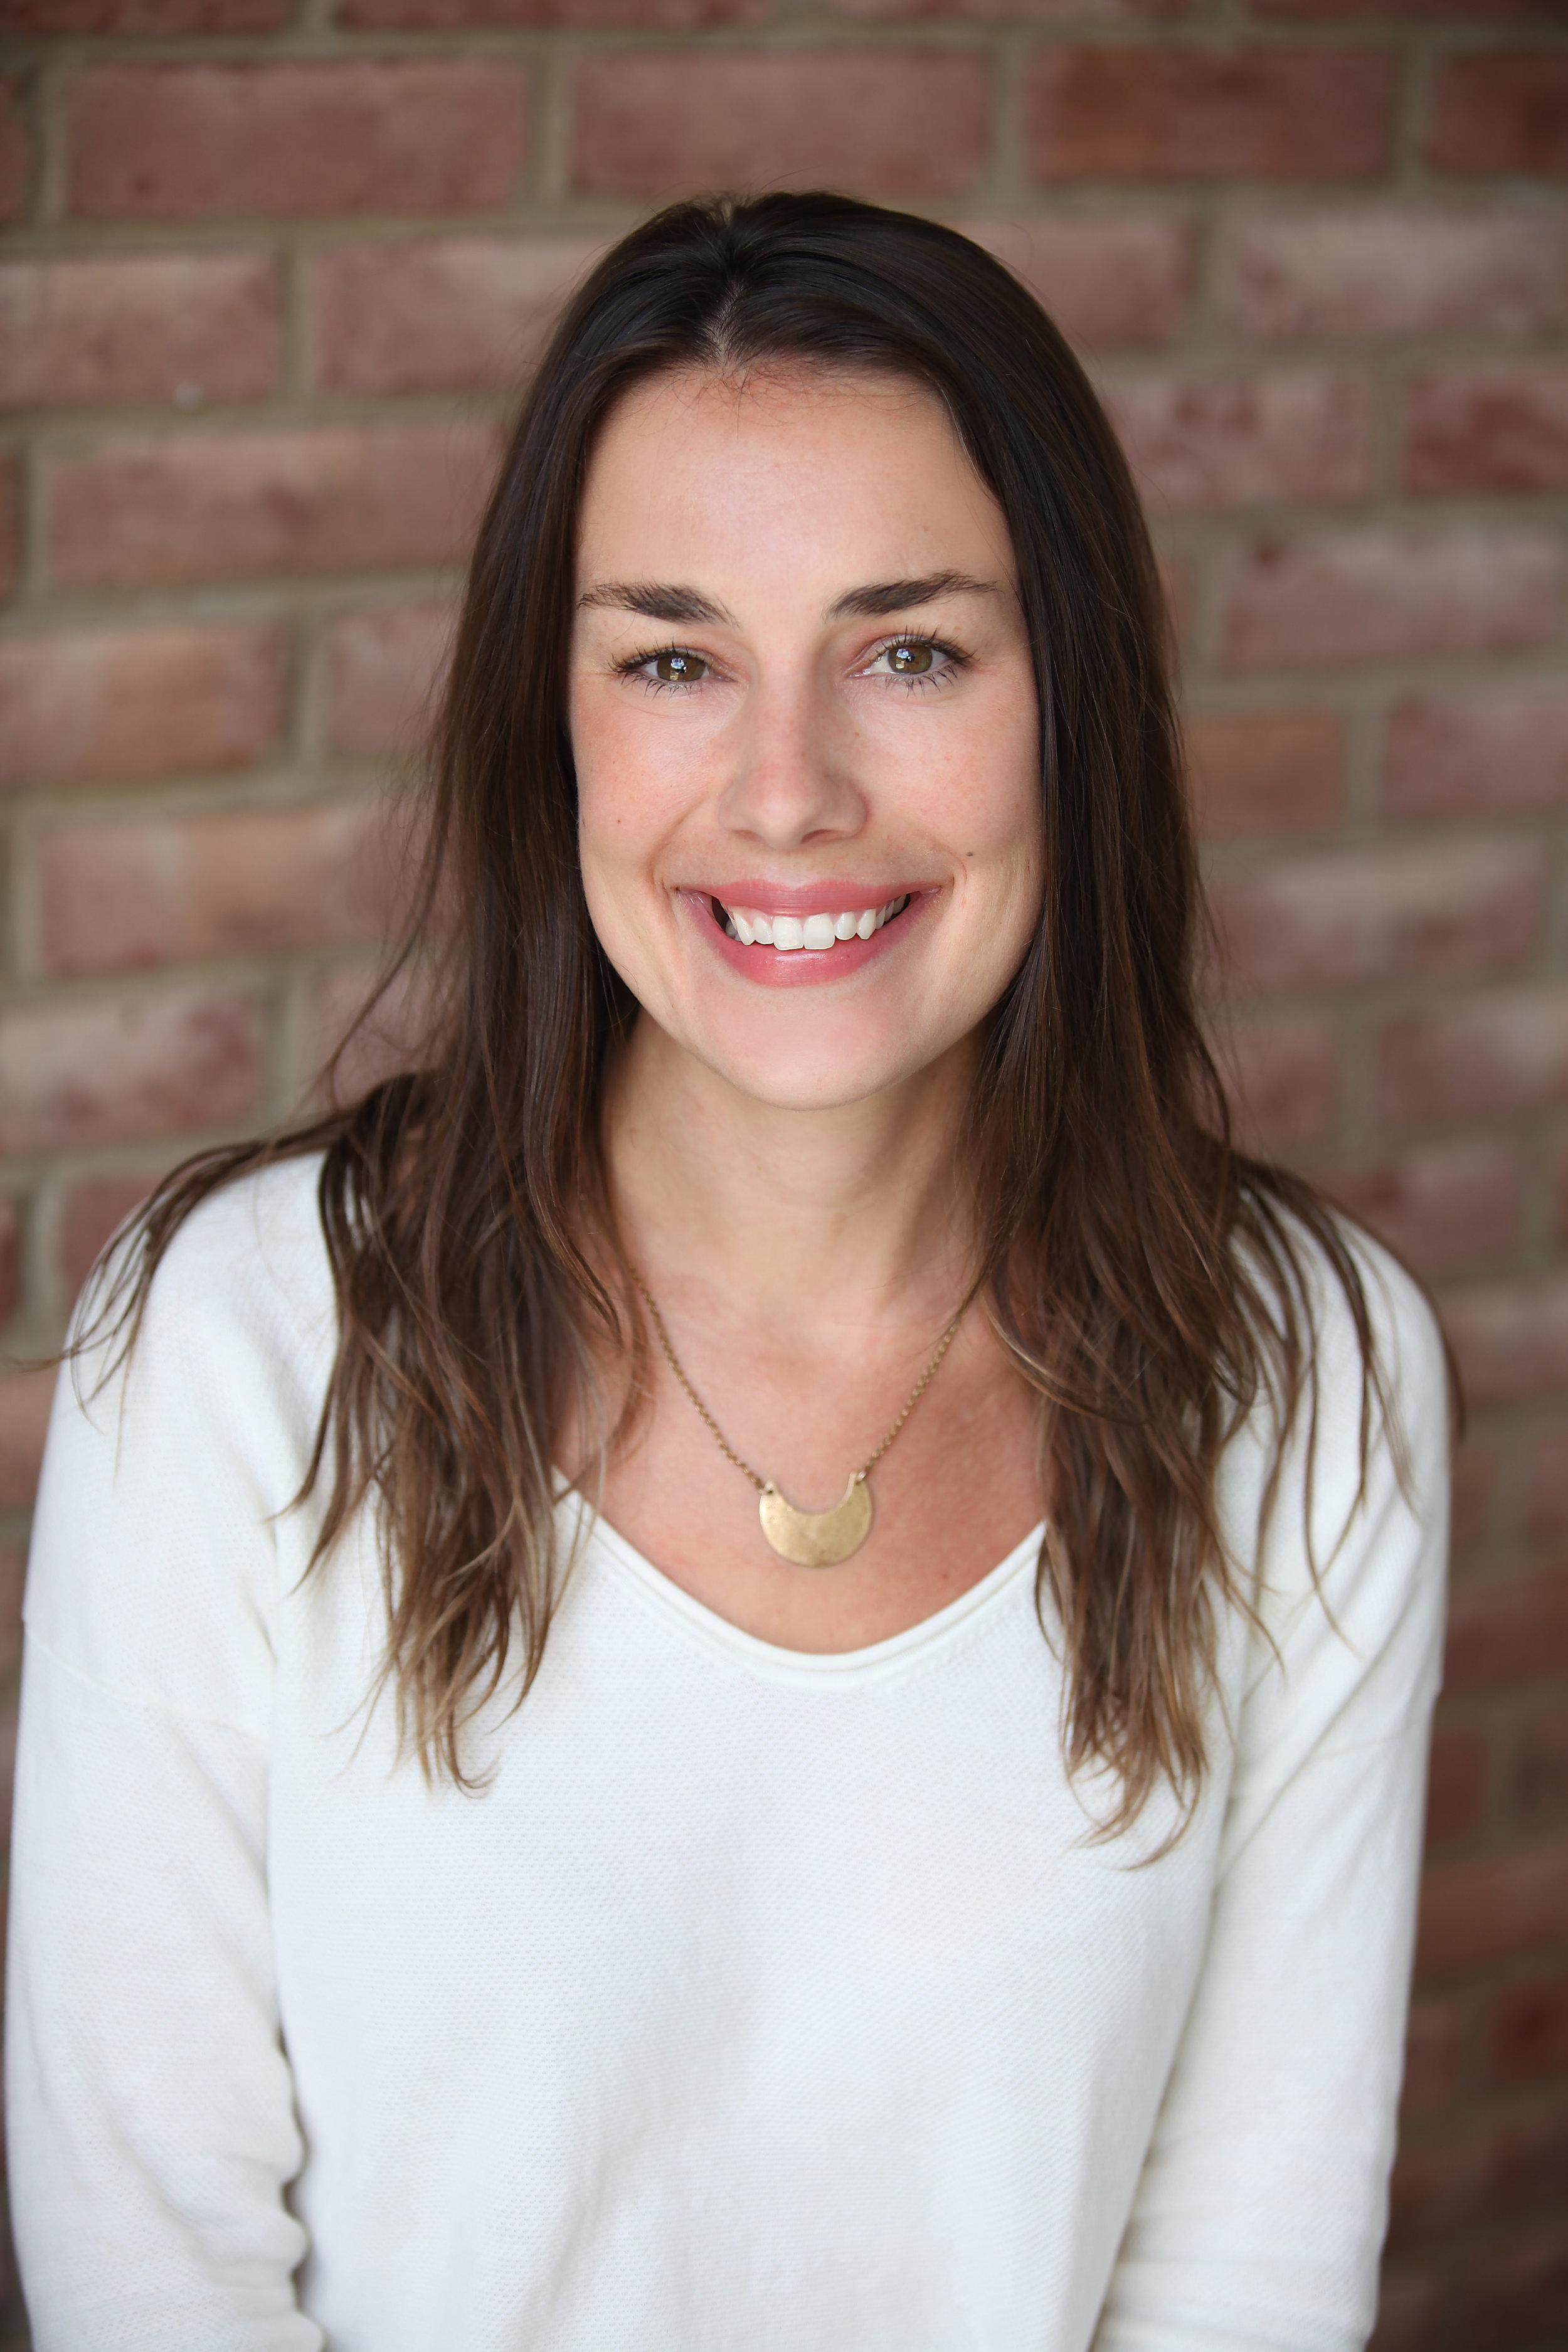 Lauren Emerson - SUPERVISORlemerson@wswcpas.com